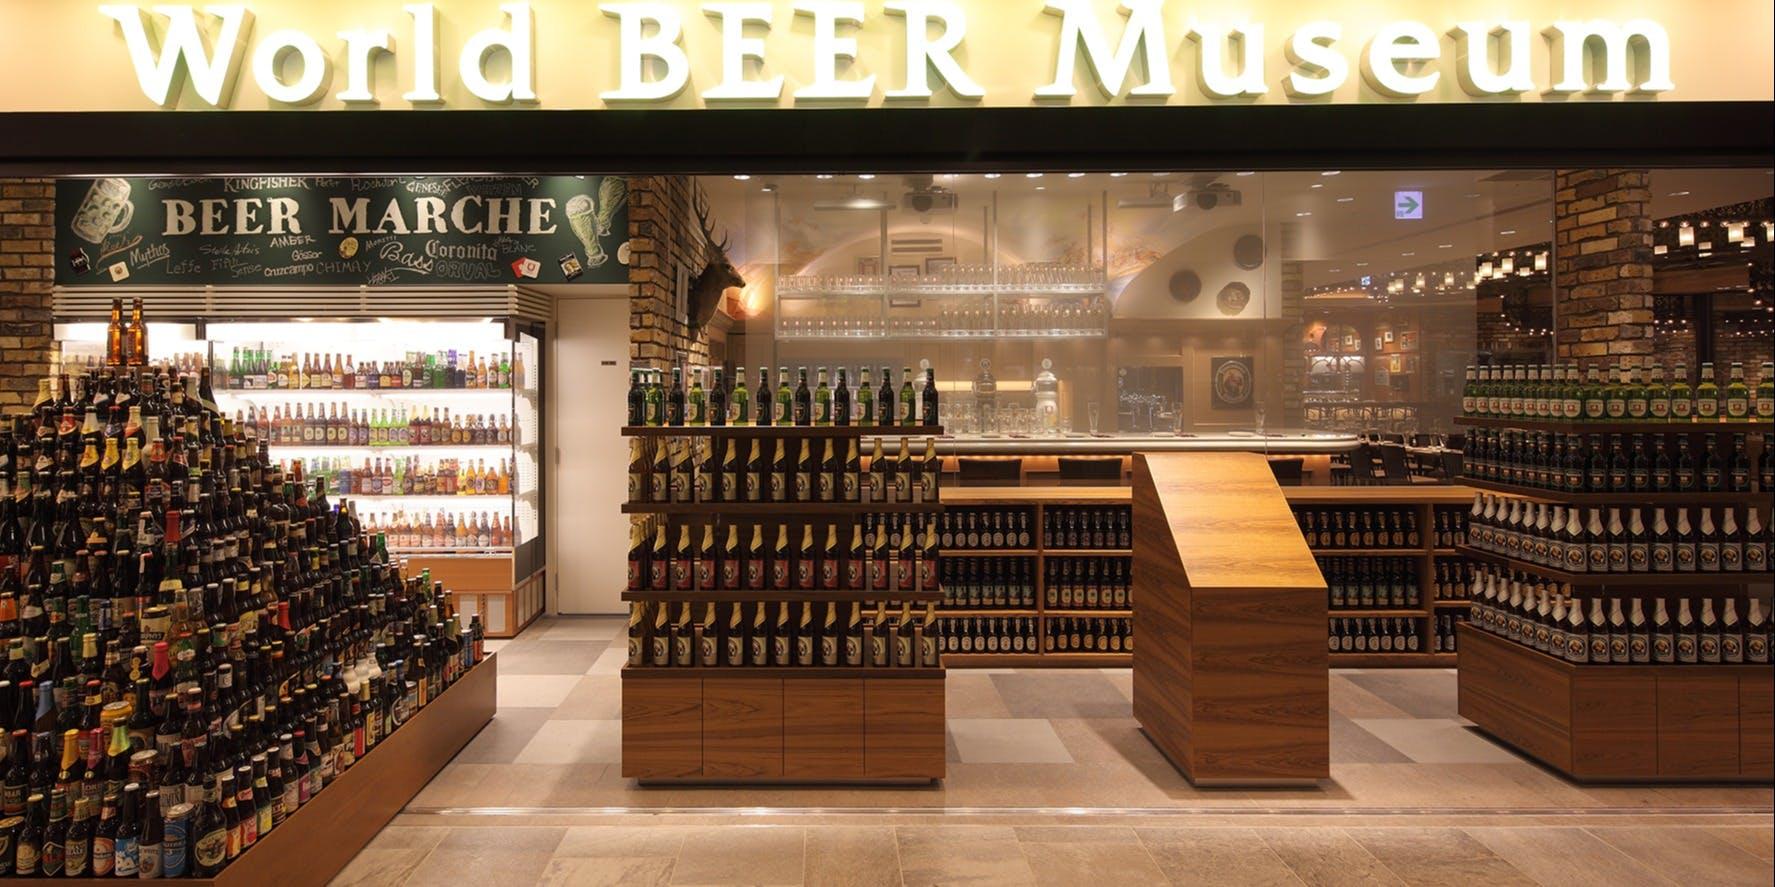 記念日におすすめのレストラン・世界のビール博物館 東京スカイツリータウンソラマチ店の写真1